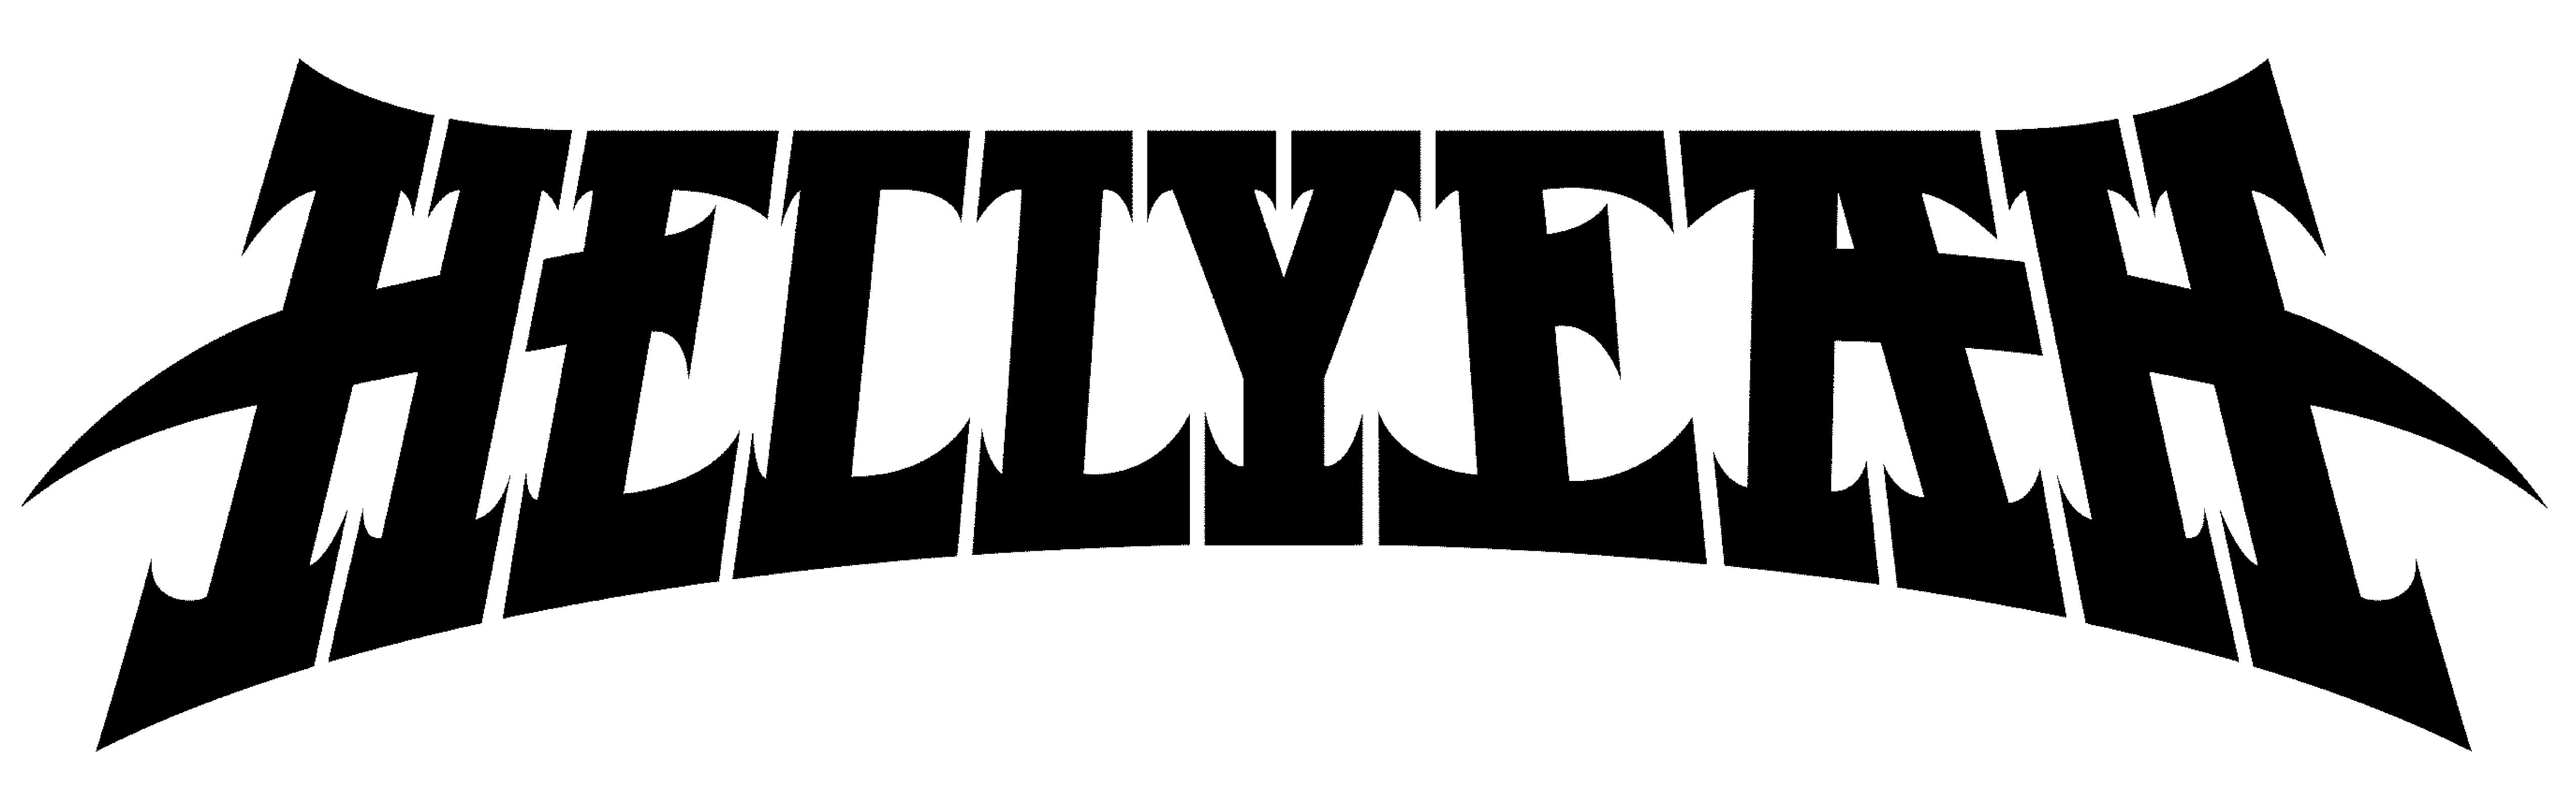 """Résultat de recherche d'images pour """"hellyeah logo"""""""